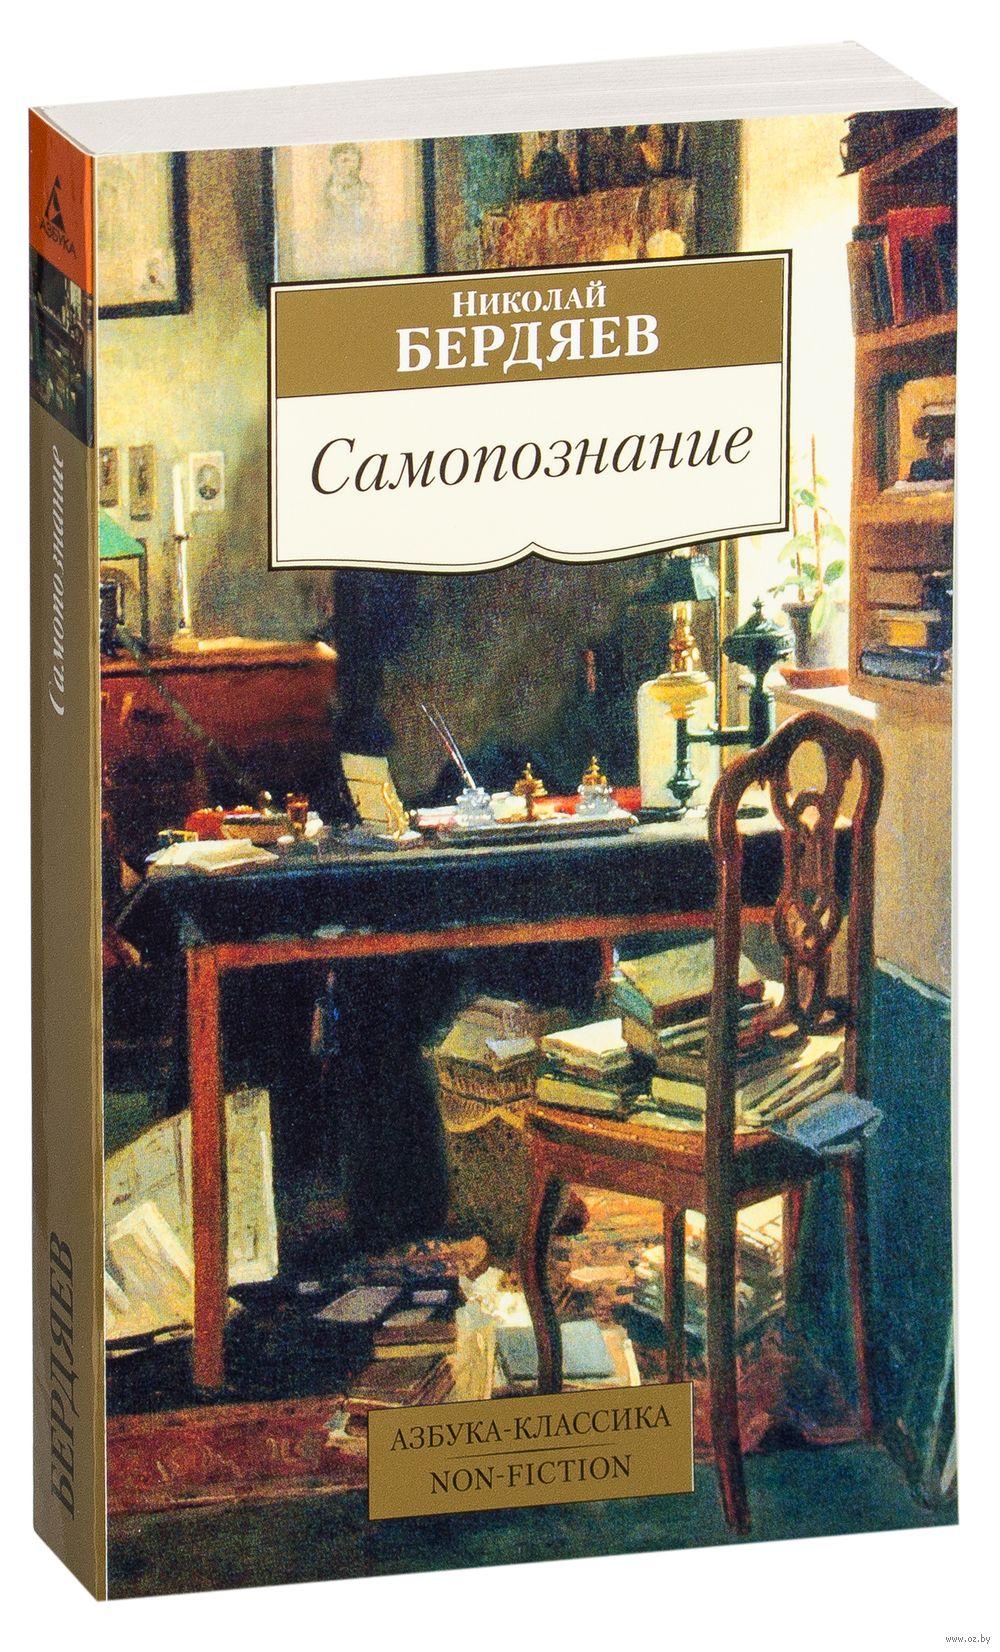 Книги николай бердяев скачать